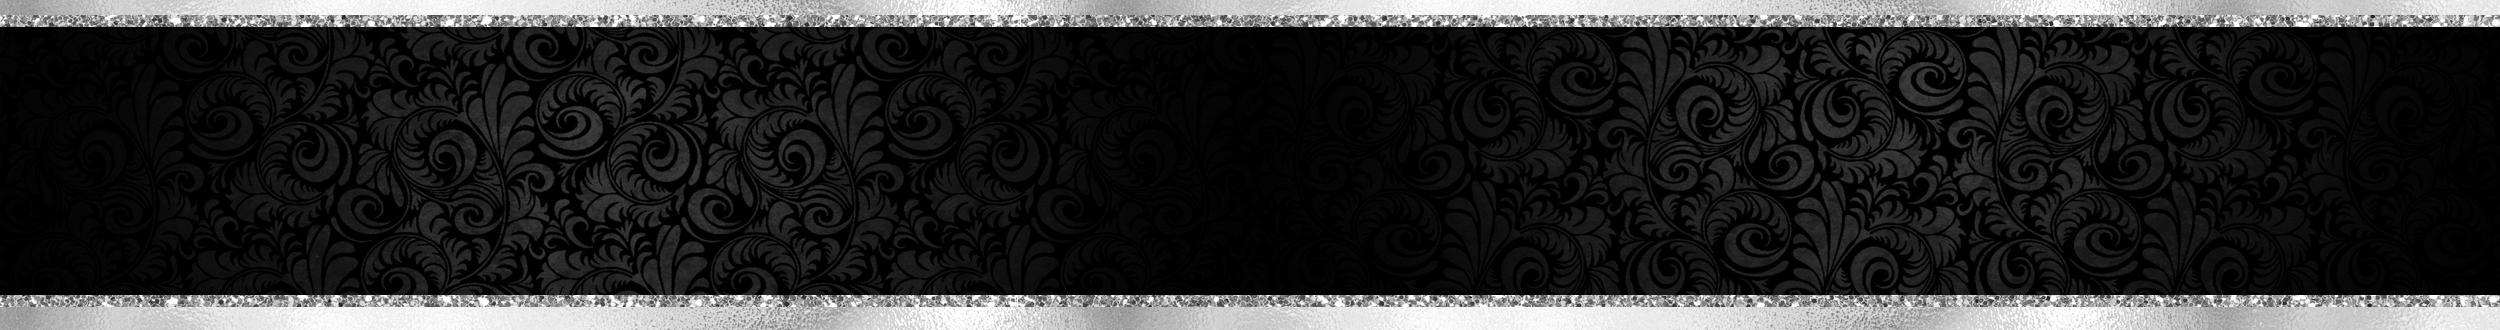 exquisiteglam-banner-header-.png